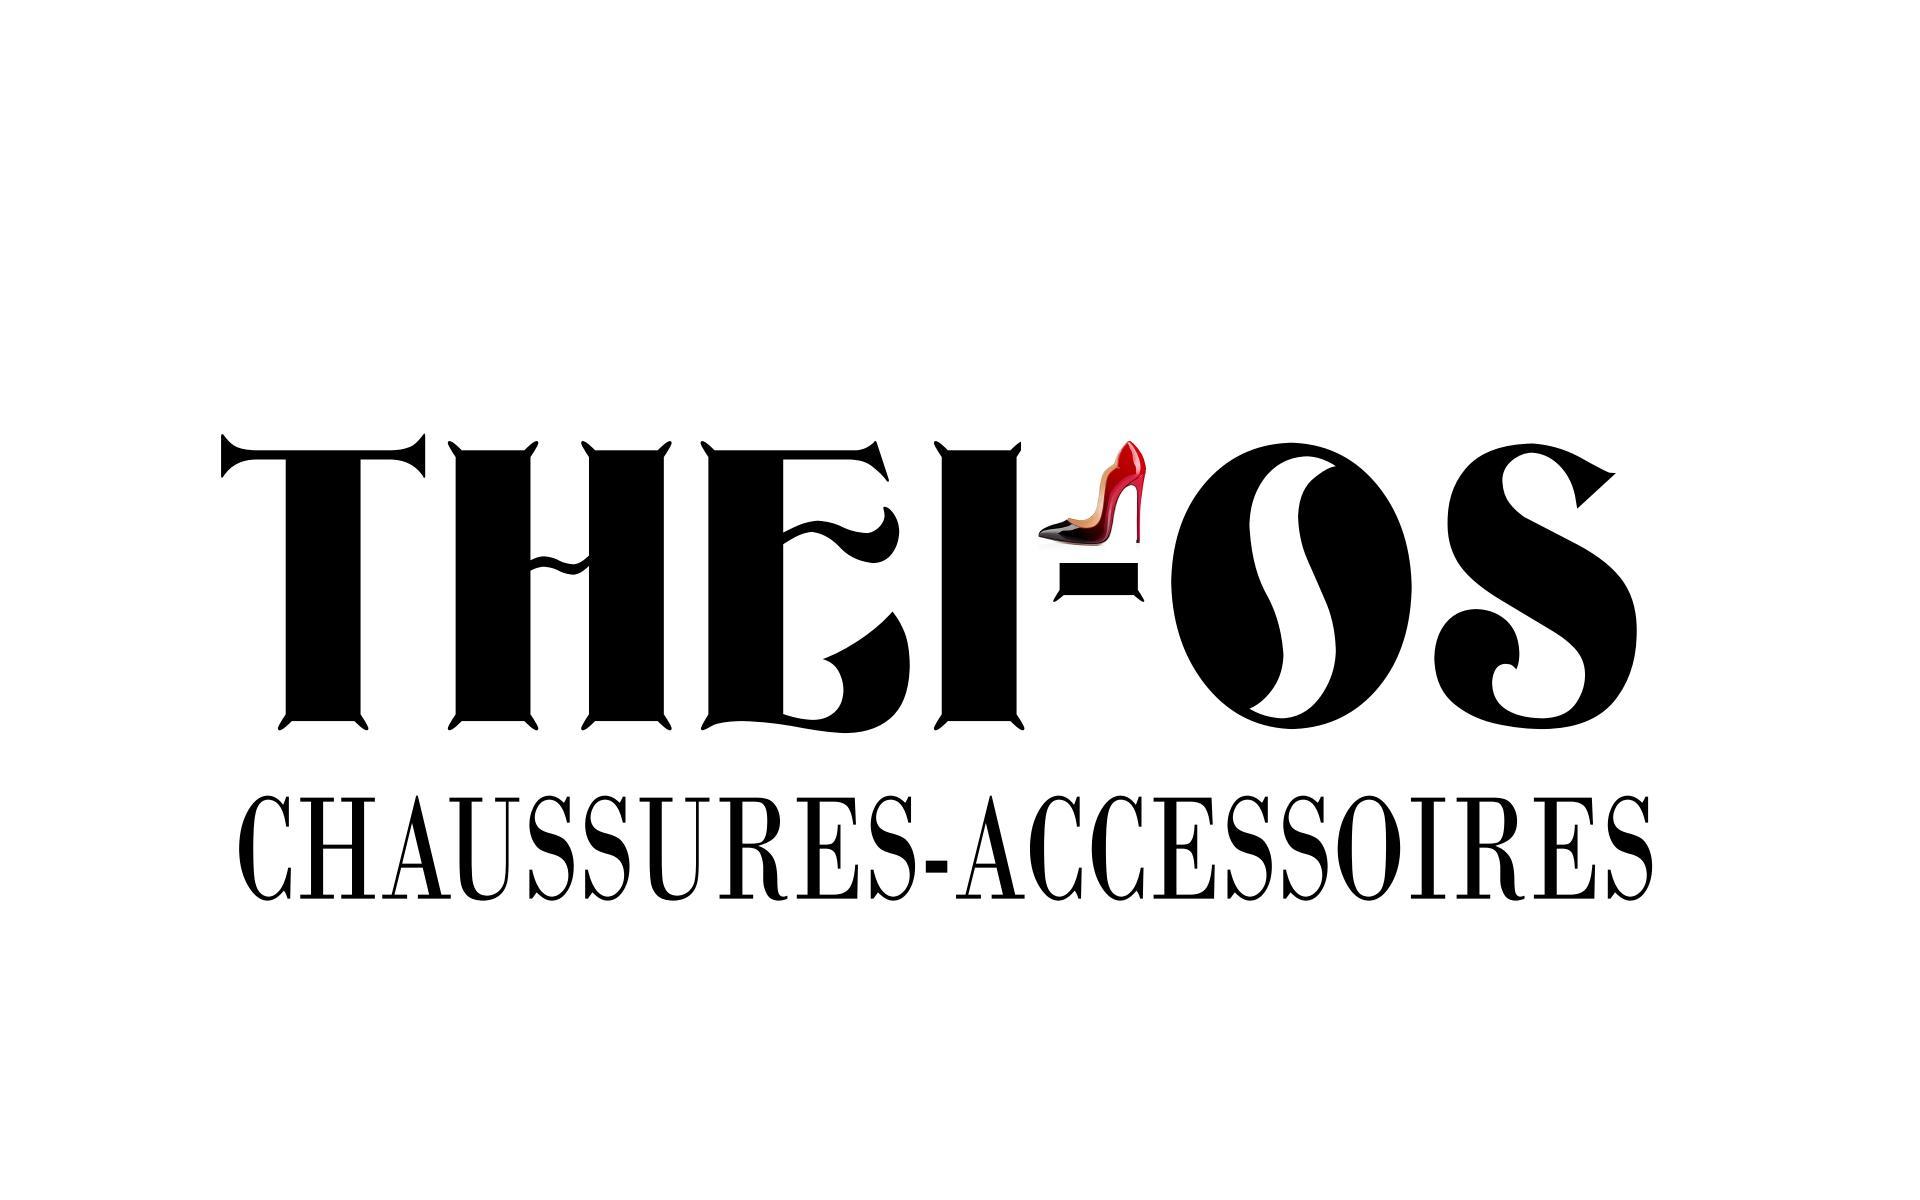 THEI-OS